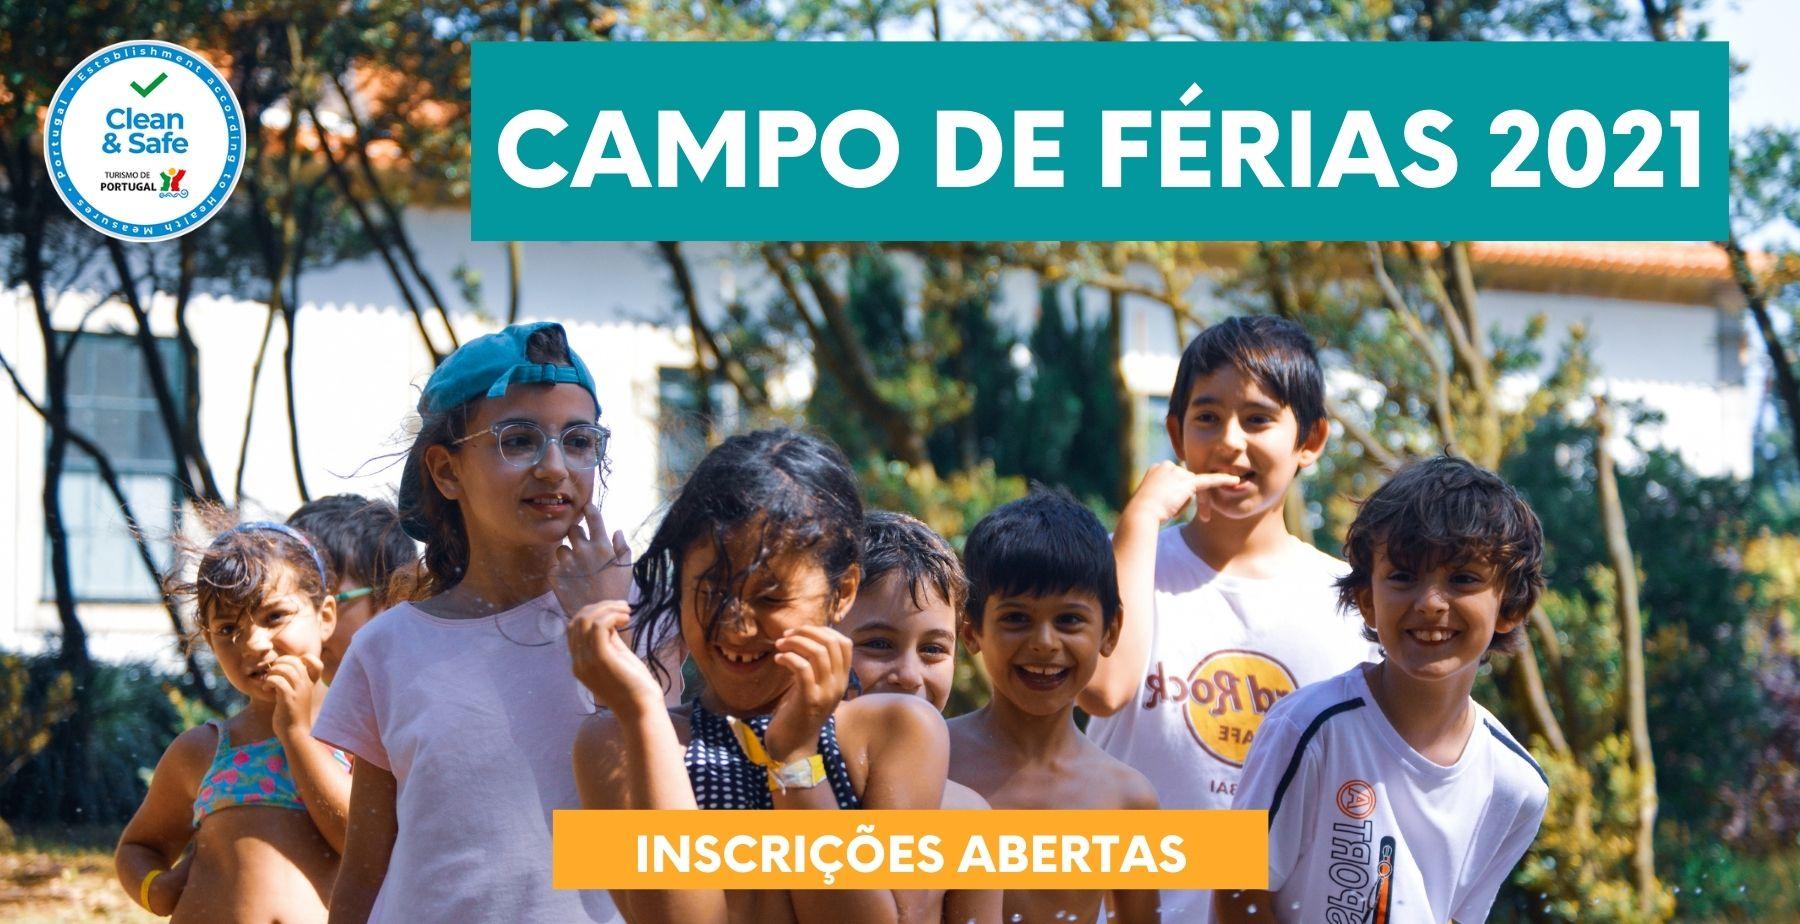 MULTI CAMP - Campo de férias